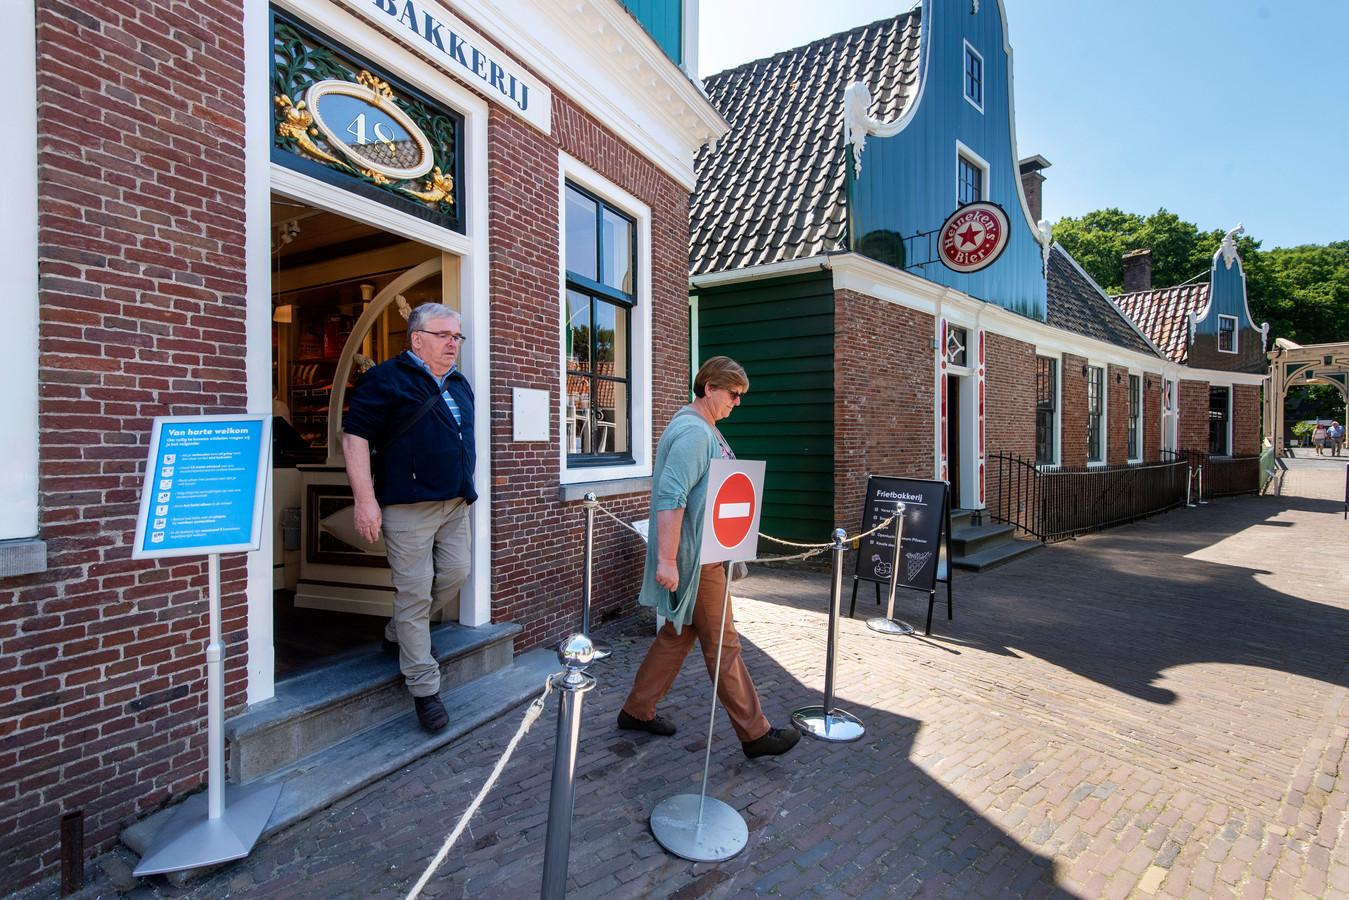 Een afzetting geeft de looproute aan bij de bakkerij in het openluchtmuseum in Arnhem.